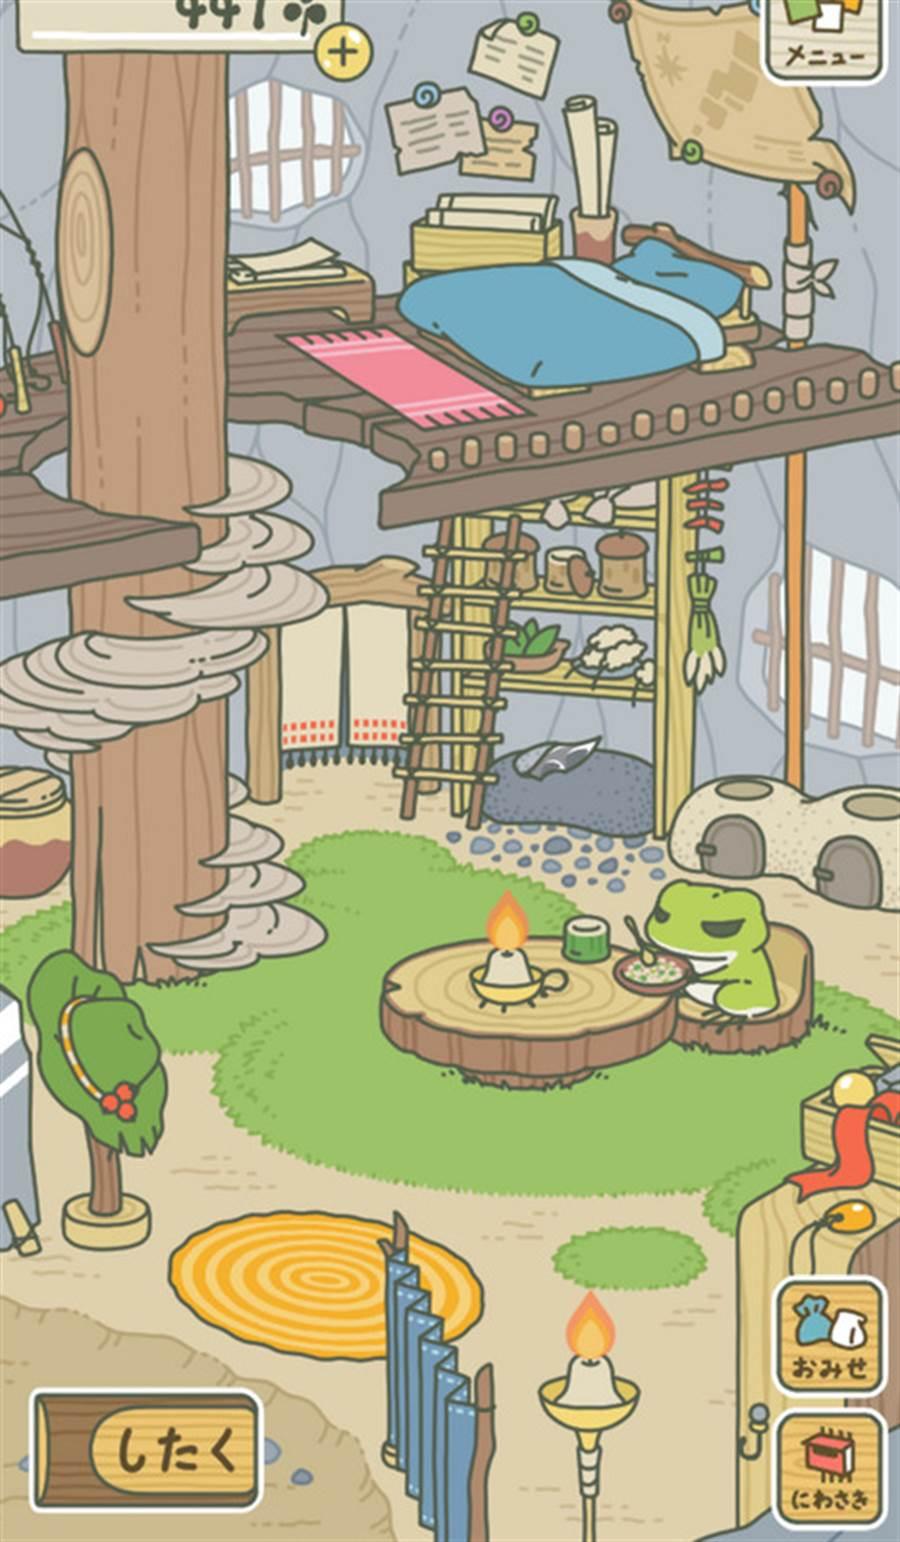 日本手機遊戲「旅蛙」在中國大陸受到熱烈迴響。(擷取自旅蛙遊戲畫面/中央社)